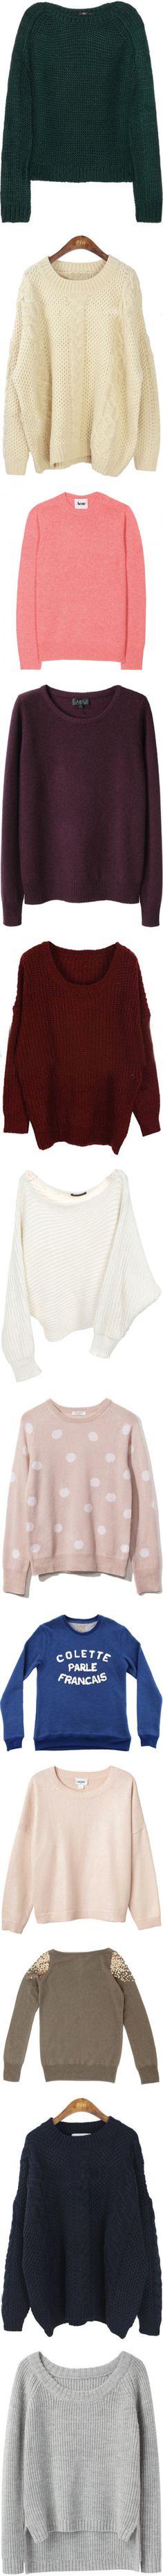 sweaterssssss I'm obsessed